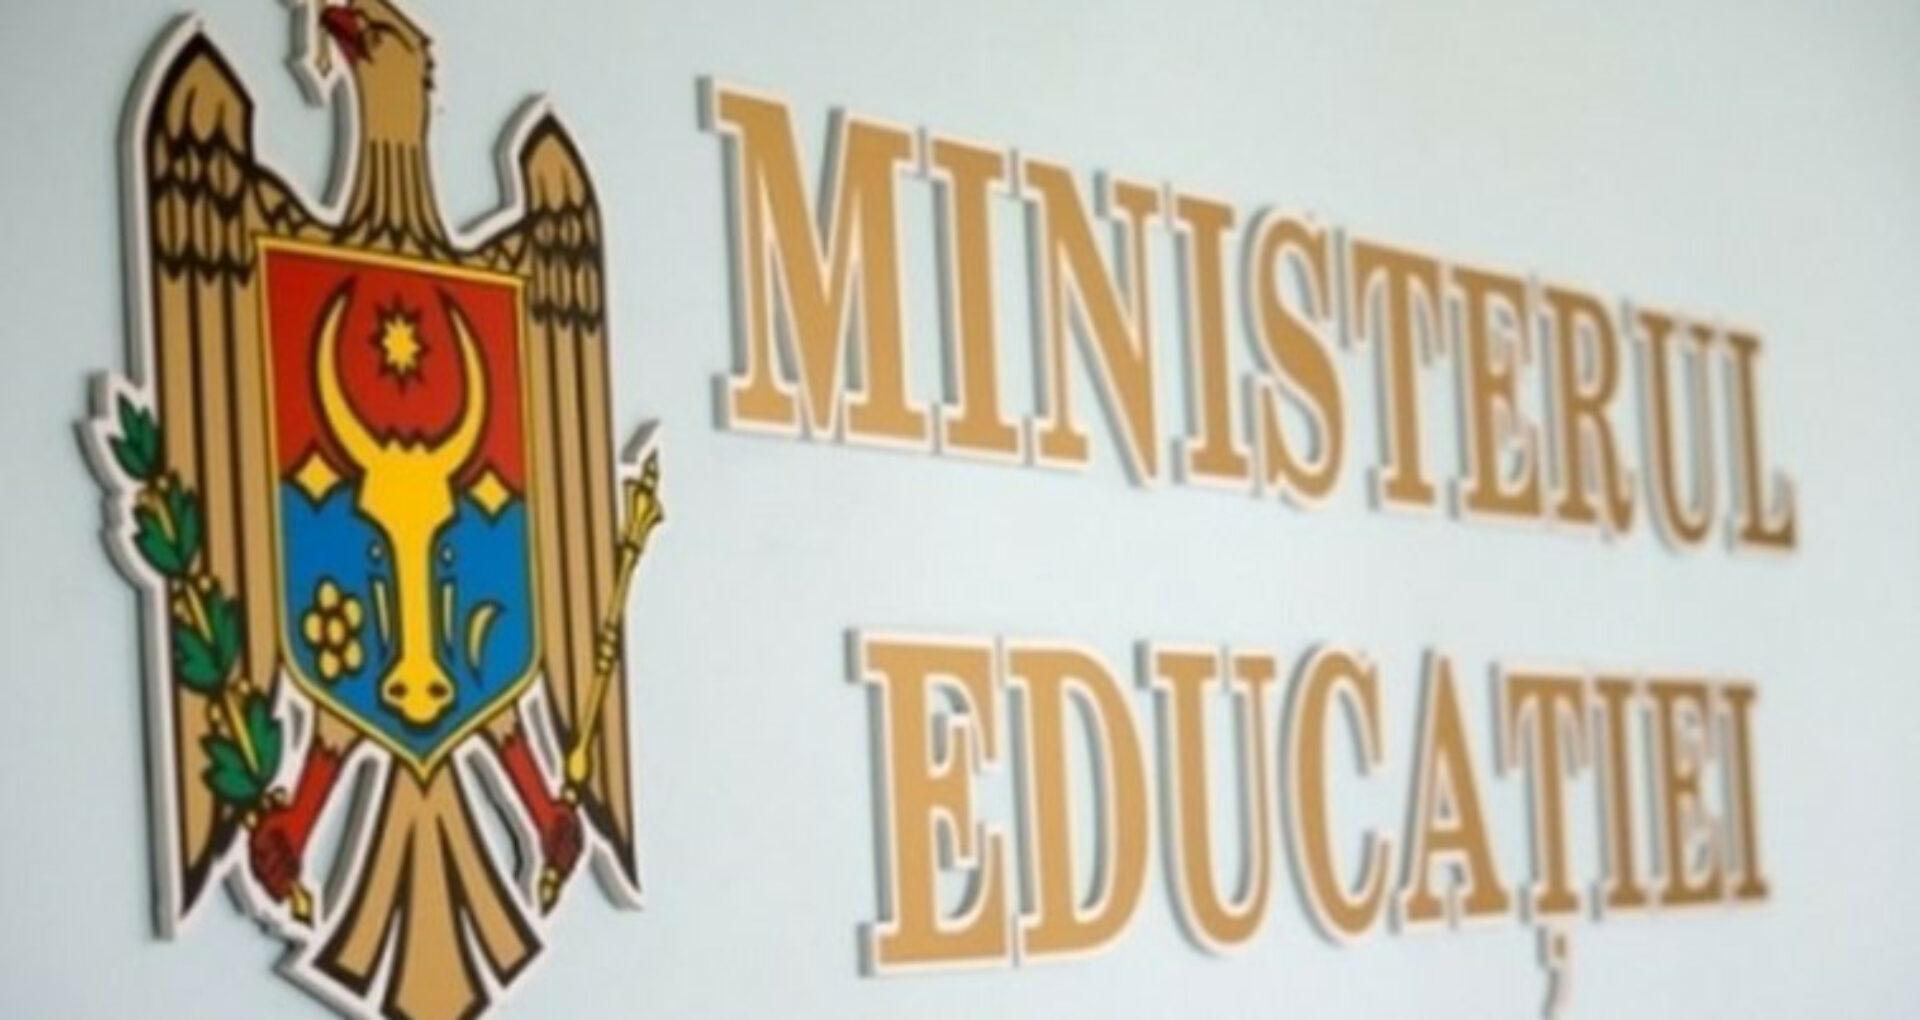 """Reacția Ministerului Educației la solicitarea AO """"Părinți Solidari"""" cu privire la asigurarea accesului la procesul de învățare la distanță pentru toți elevii"""